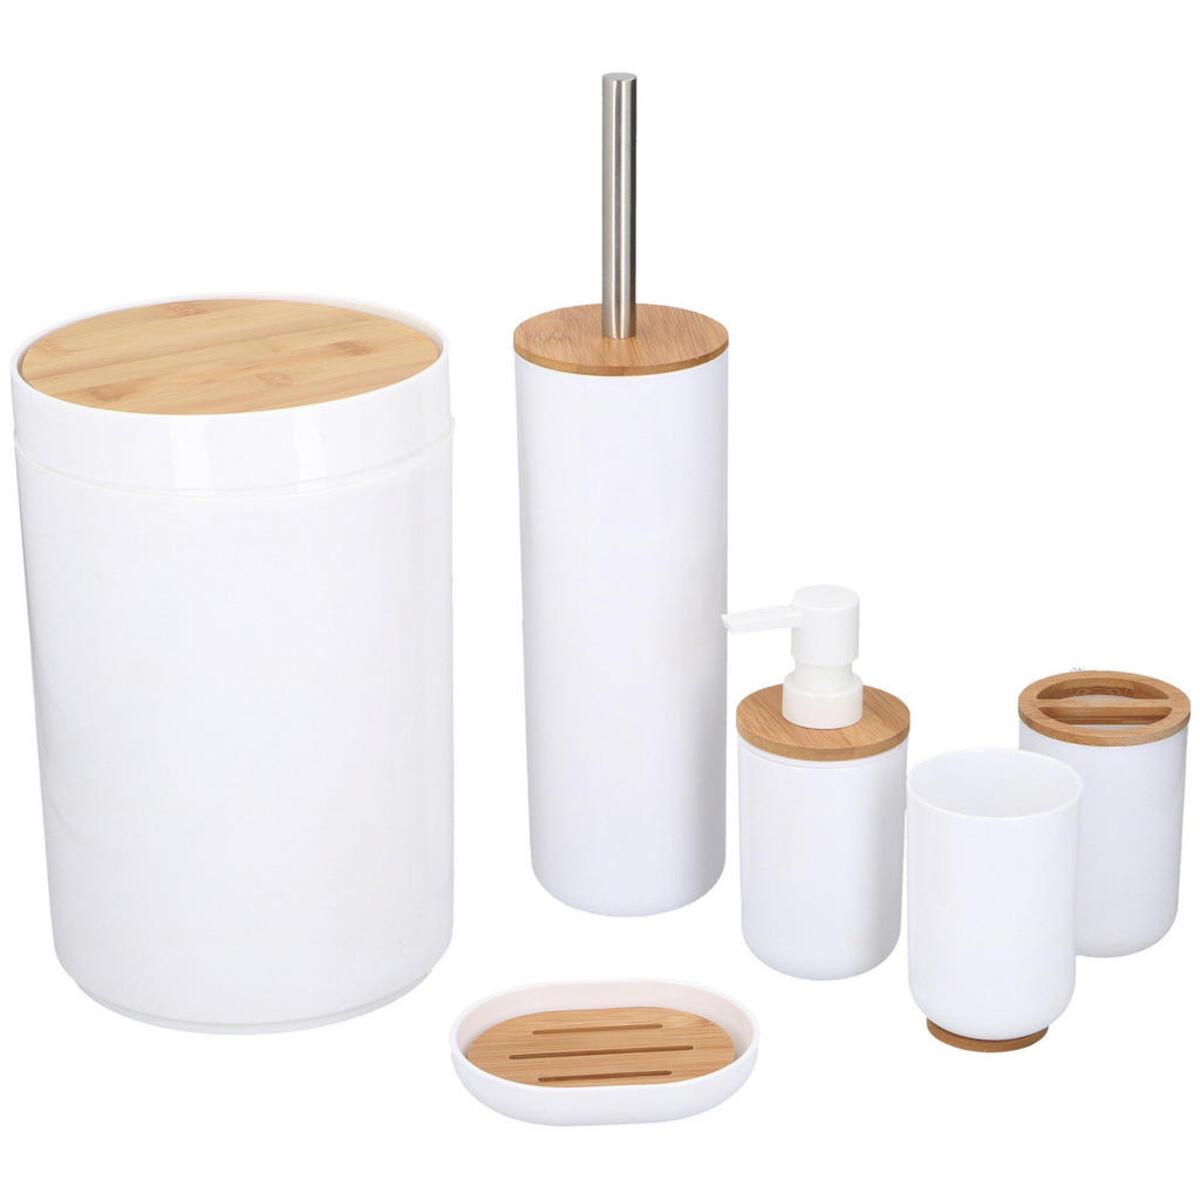 XXXLutz Bad accessoire set , 12686 , Weiß , Holz, Kunststoff , Bambus , 006287102701 von XXXLutz ...